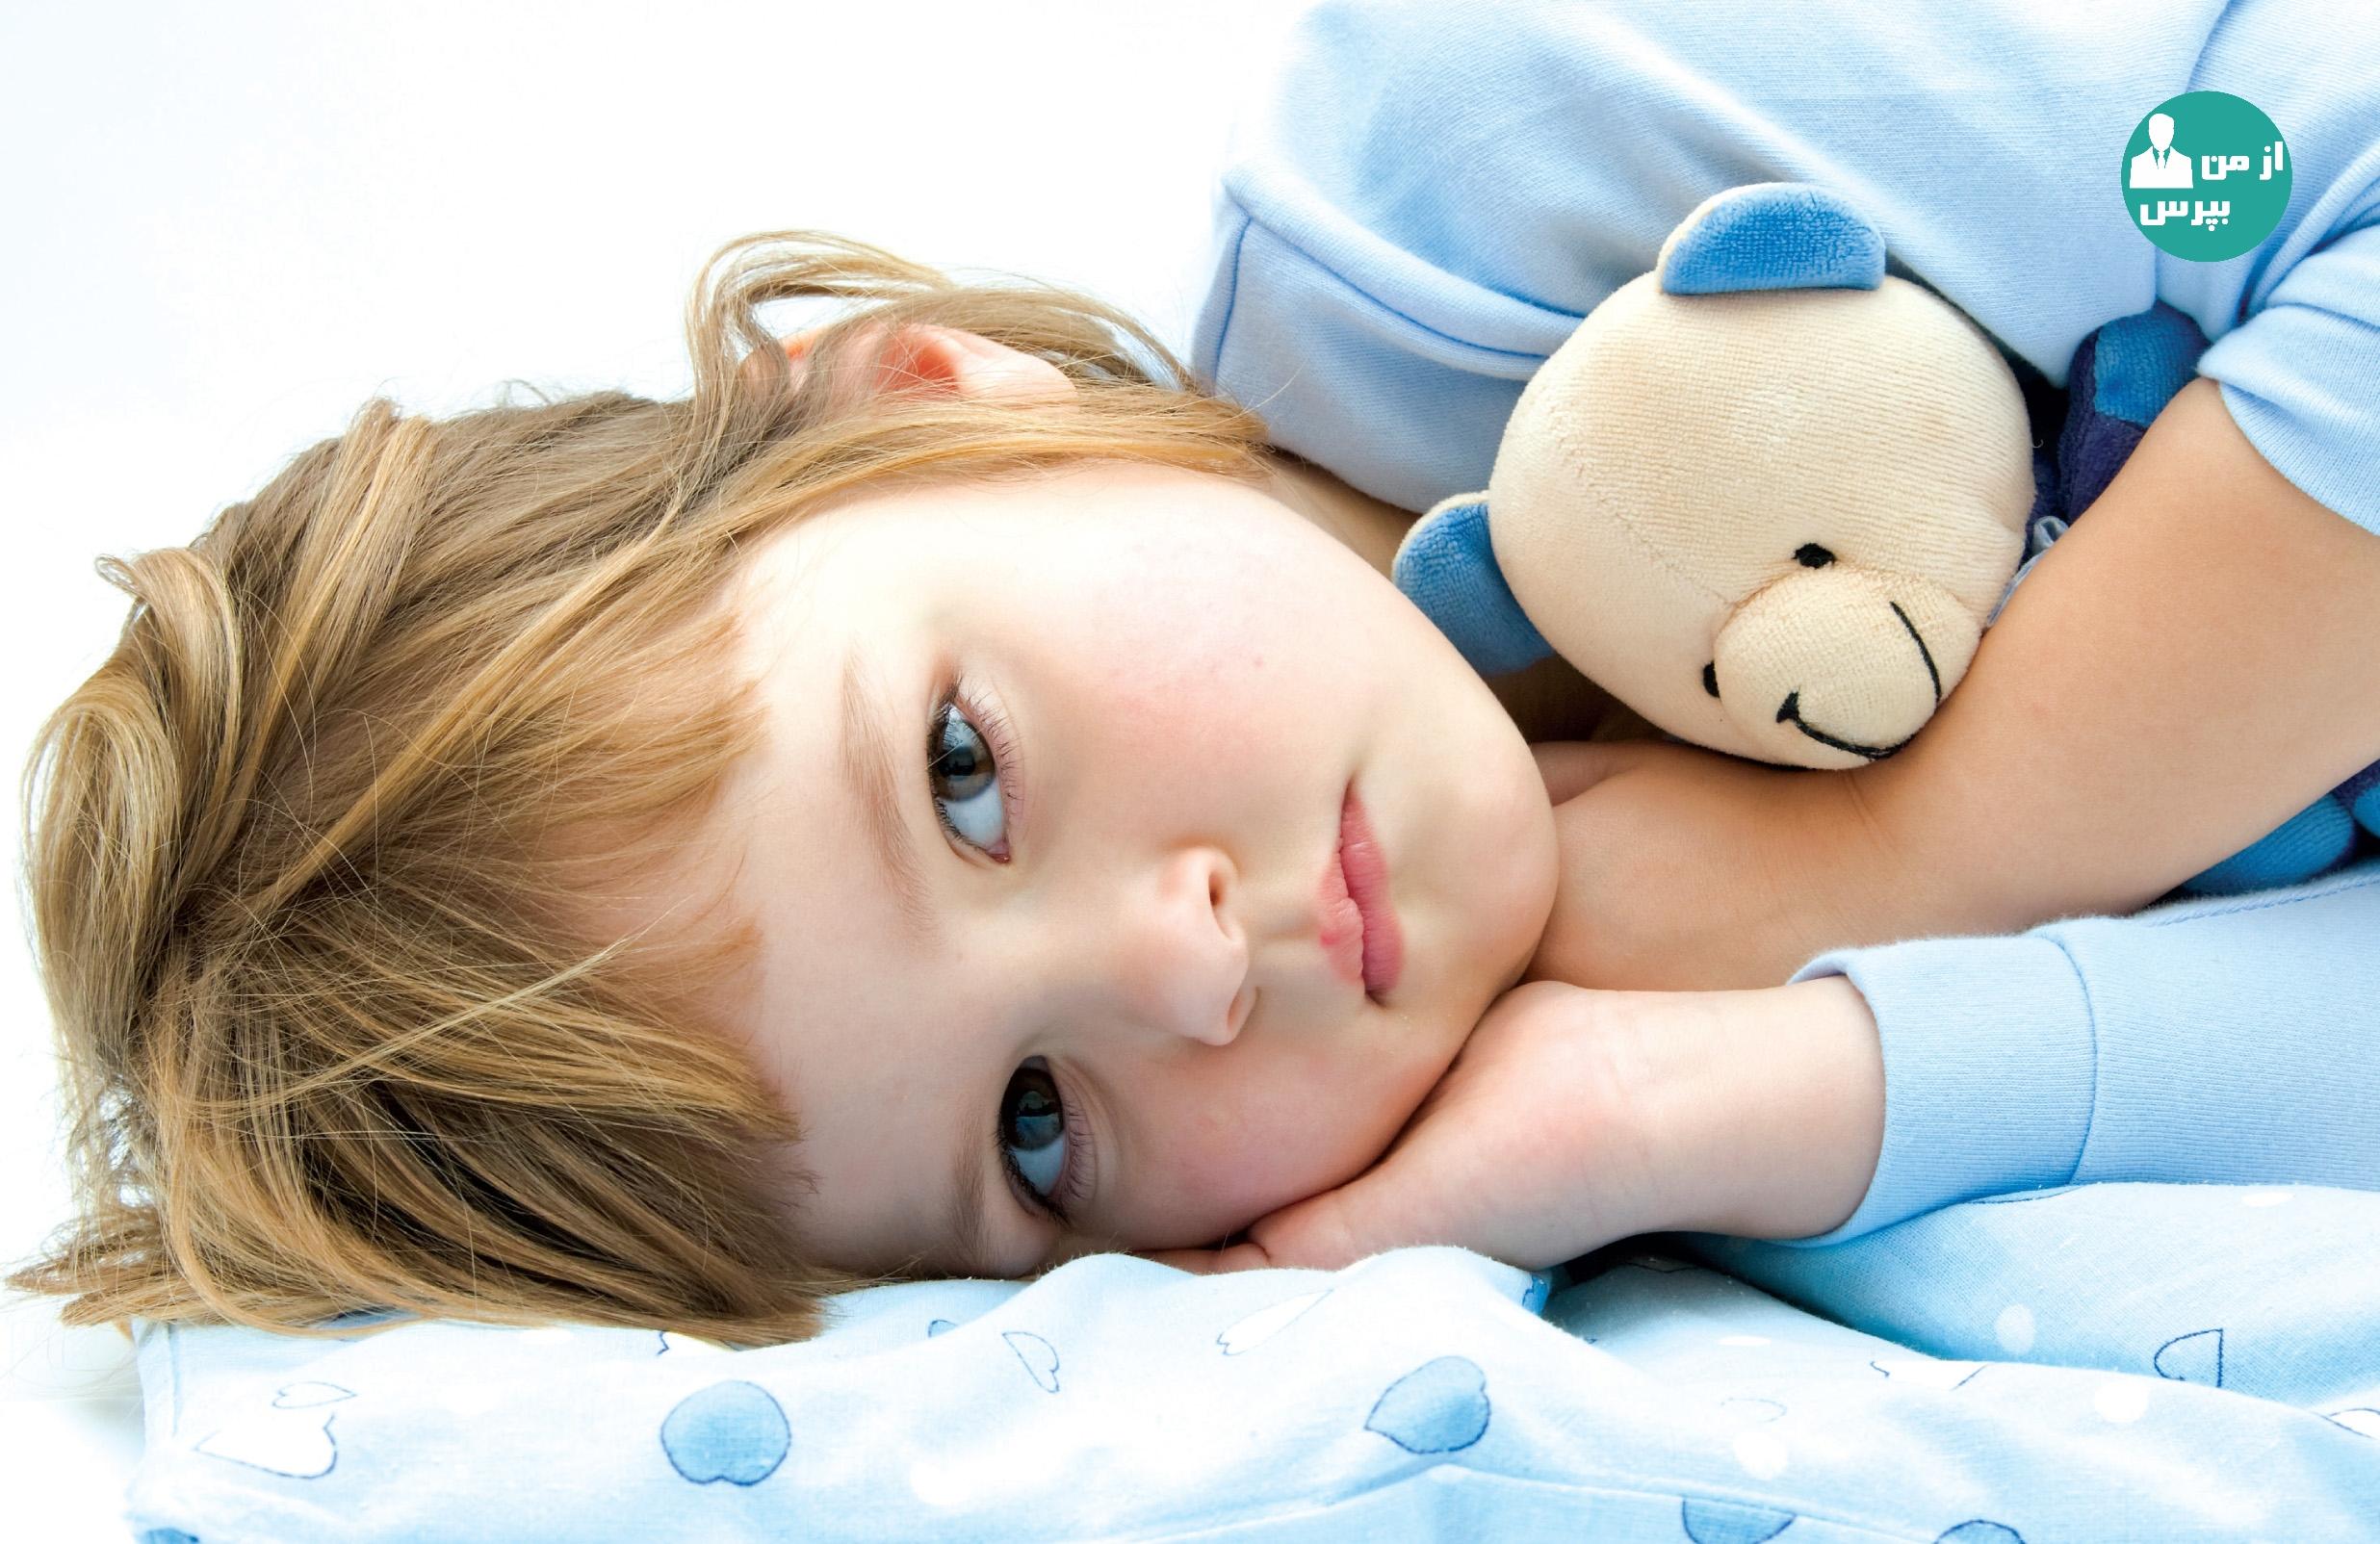 کودک شما هم دوست دارد در کنار شما بخوابد؟!